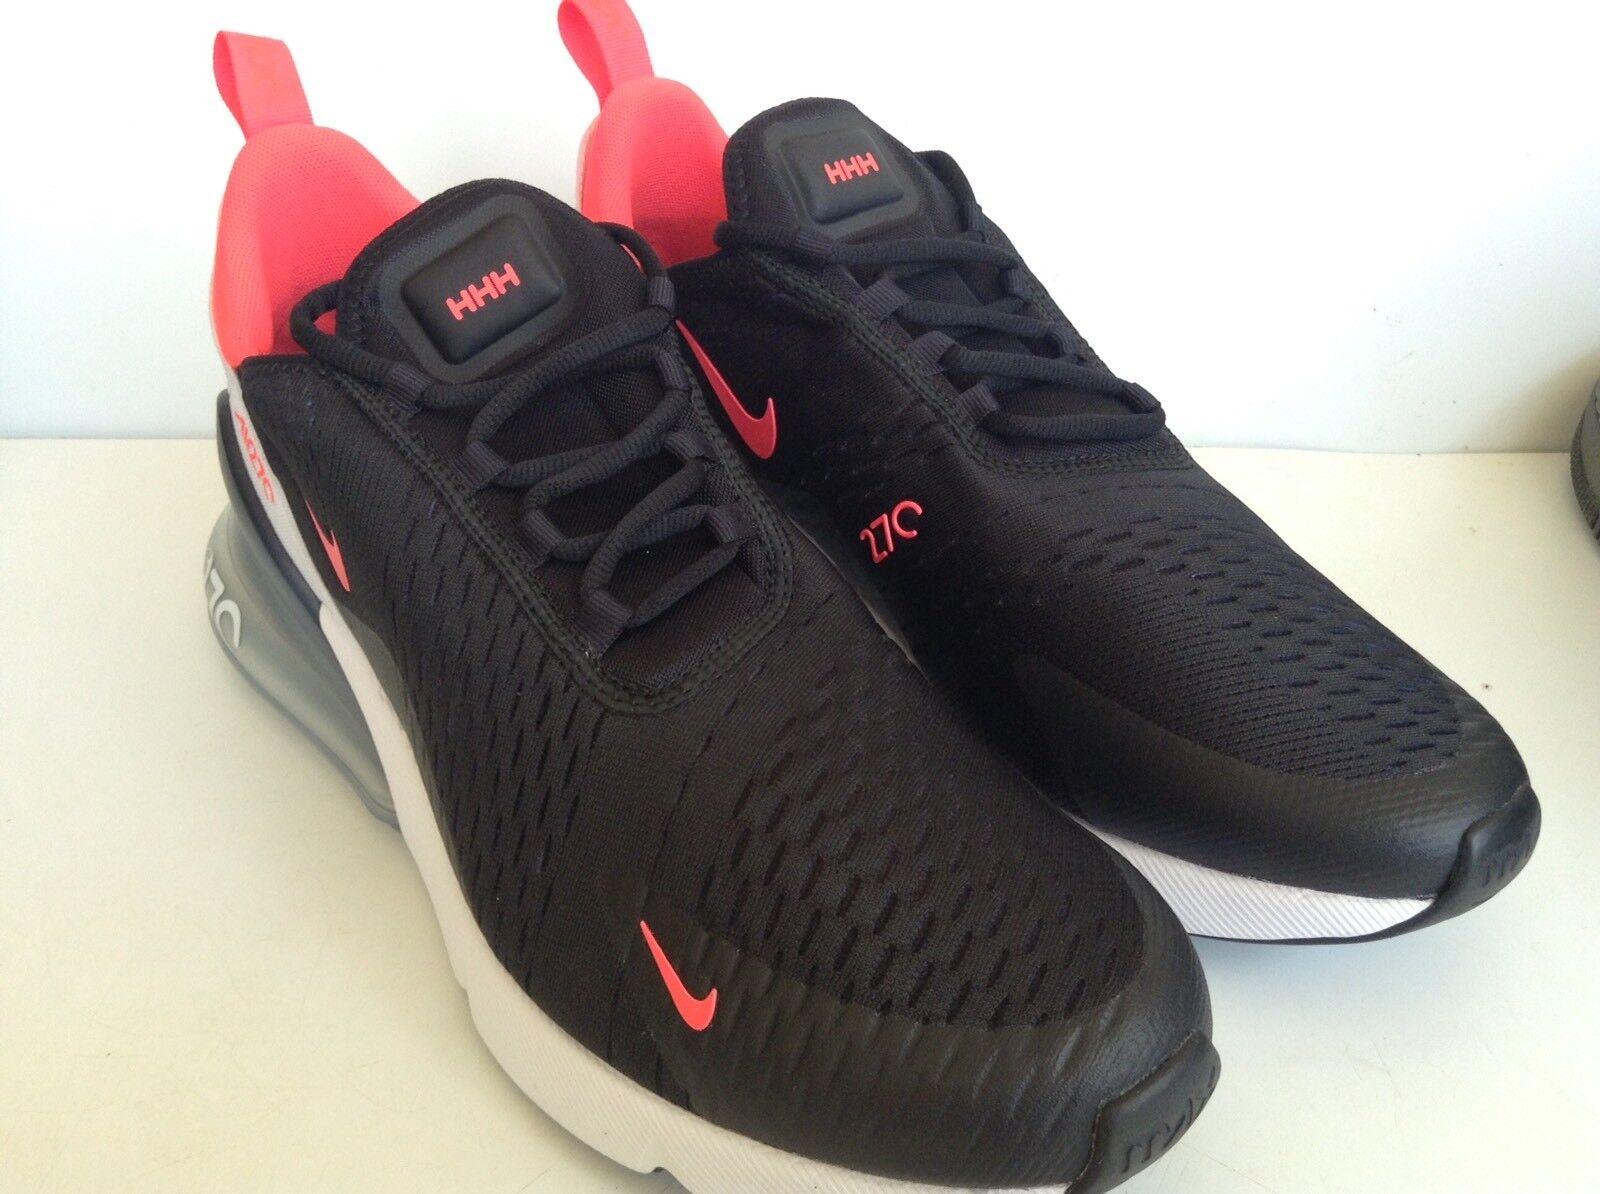 Nike Air Max 270 id AMD 3 26 estacionales Negro-infrared-Blanco reducción de precios estacionales 26 de recortes de precios, beneficios de descuentos 46c302